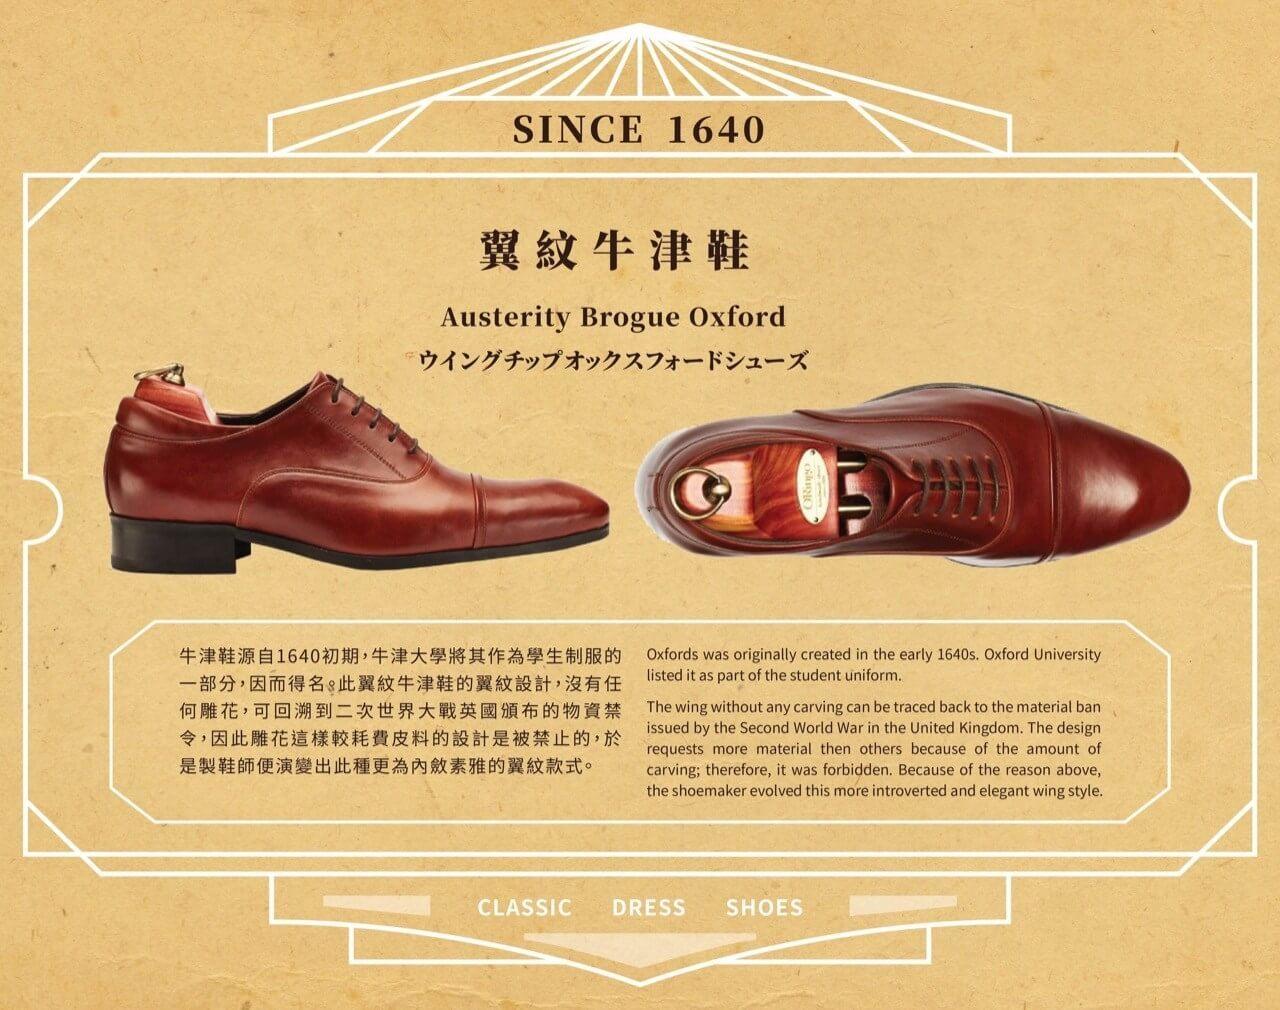 基本牛津鞋